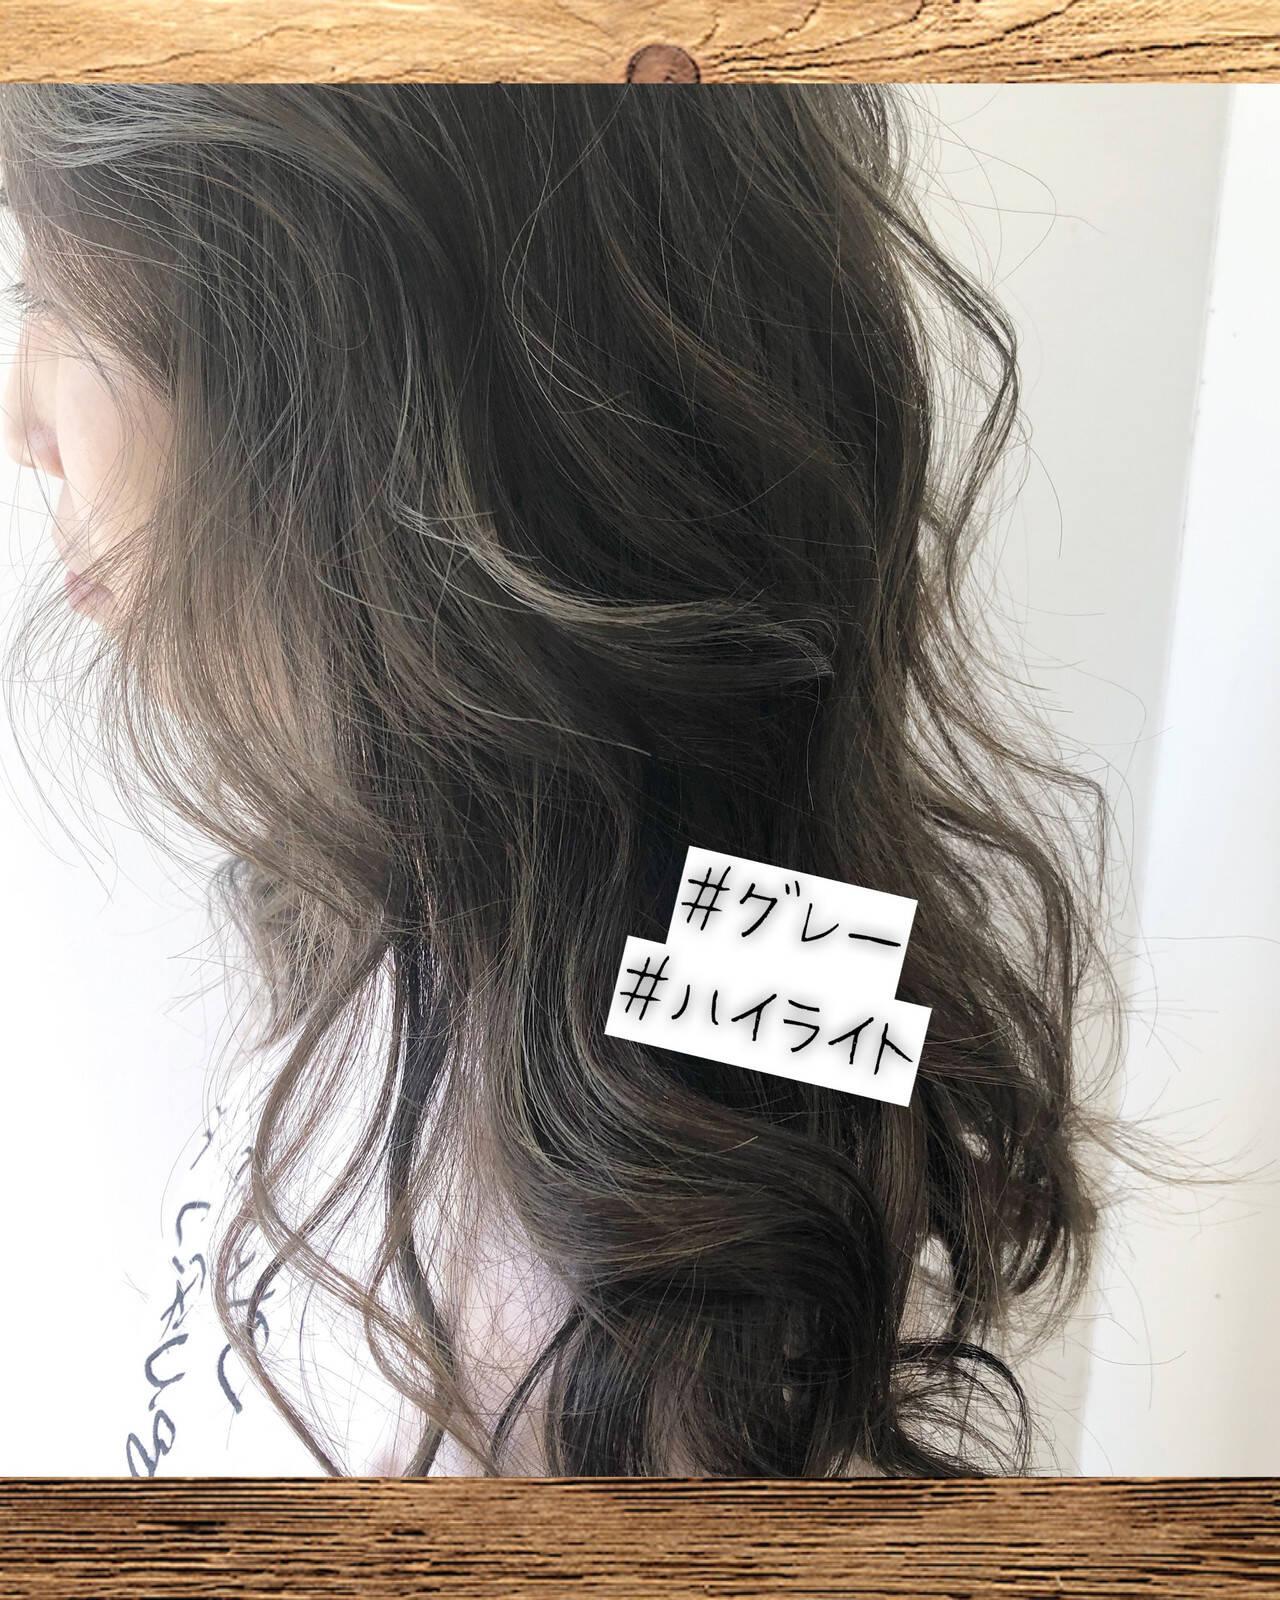 グレージュ ロング ナチュラル 大人ハイライトヘアスタイルや髪型の写真・画像